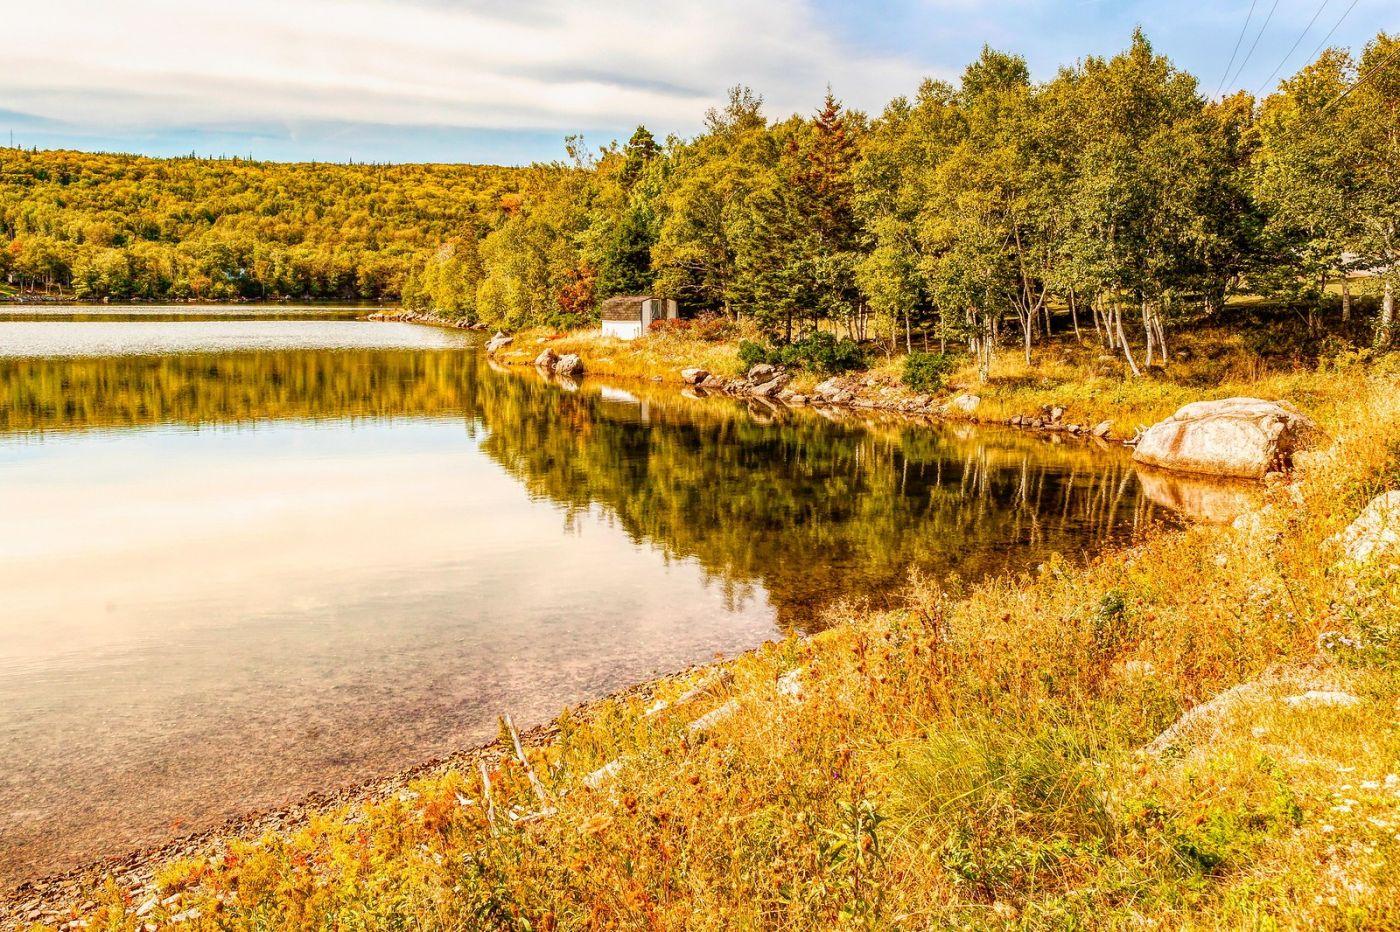 加拿大路途,水边抓拍_图1-16